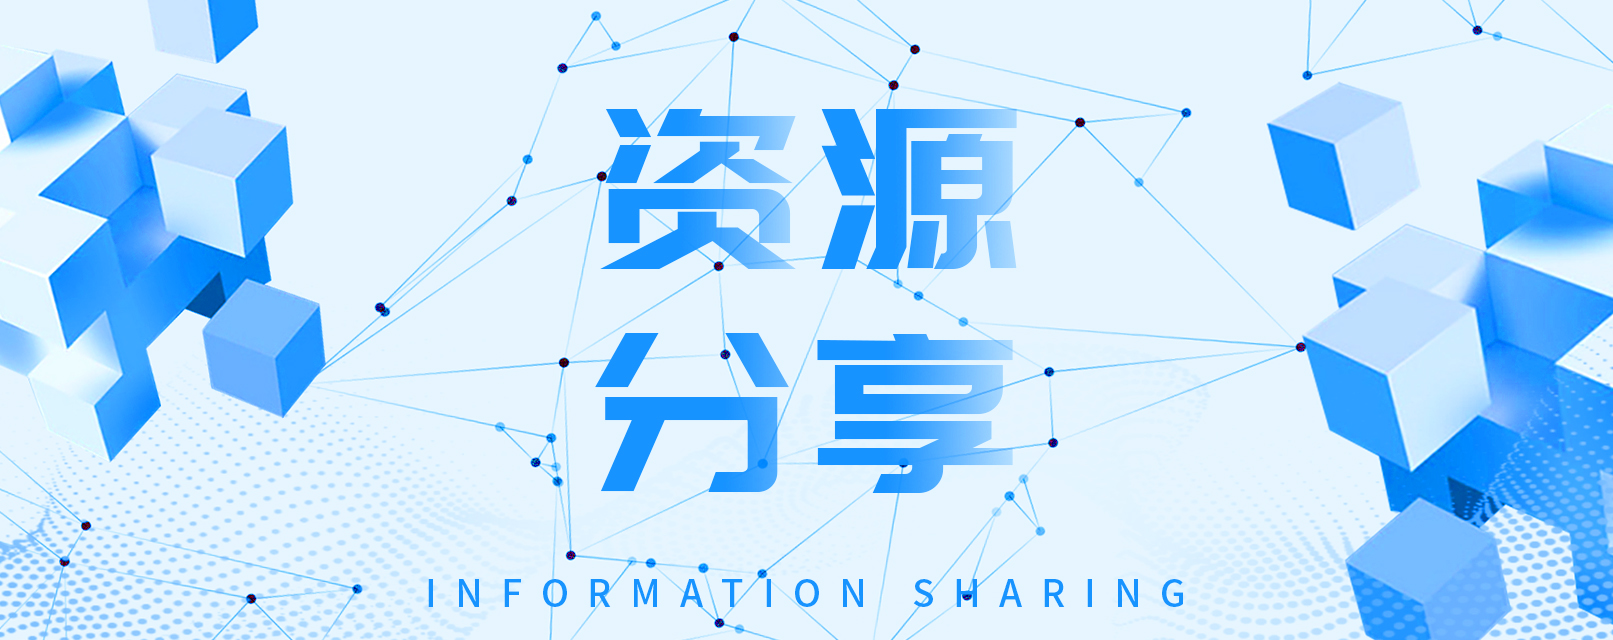 【资源分享】PORO日语学习(技多不压身,快来学习日语)